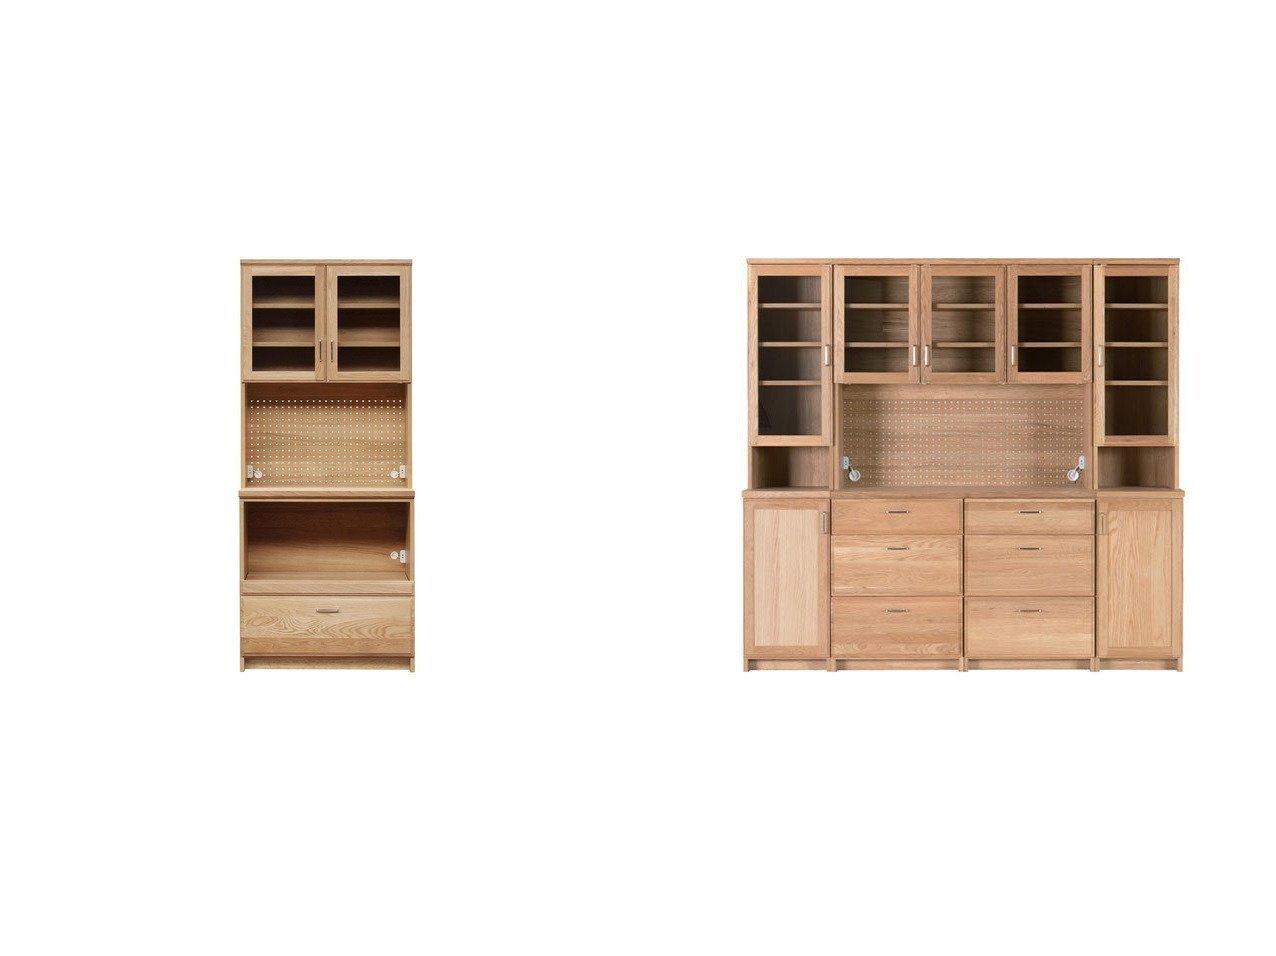 【FLYMEe vert/フライミー ヴェール】のユニットボード #103606&オープンボード #103604 【FURNITURE】おすすめ!人気、インテリア雑貨・家具の通販  おすすめで人気の流行・トレンド、ファッションの通販商品 インテリア・家具・メンズファッション・キッズファッション・レディースファッション・服の通販 founy(ファニー) https://founy.com/ ウッド ヴィンテージ ガラス シルバー モダン ホーム・キャンプ・アウトドア Home,Garden,Outdoor,Camping Gear キッチン・ダイニング Kitchen Dining キッチン収納 Kitchen 食器棚・レンジ台・キッチンボード ホーム・キャンプ・アウトドア Home,Garden,Outdoor,Camping Gear キッチン・ダイニング Kitchen Dining キッチン家電・キッチン用品 Kitchenware カップ&ソーサー・マグ |ID:crp329100000050597